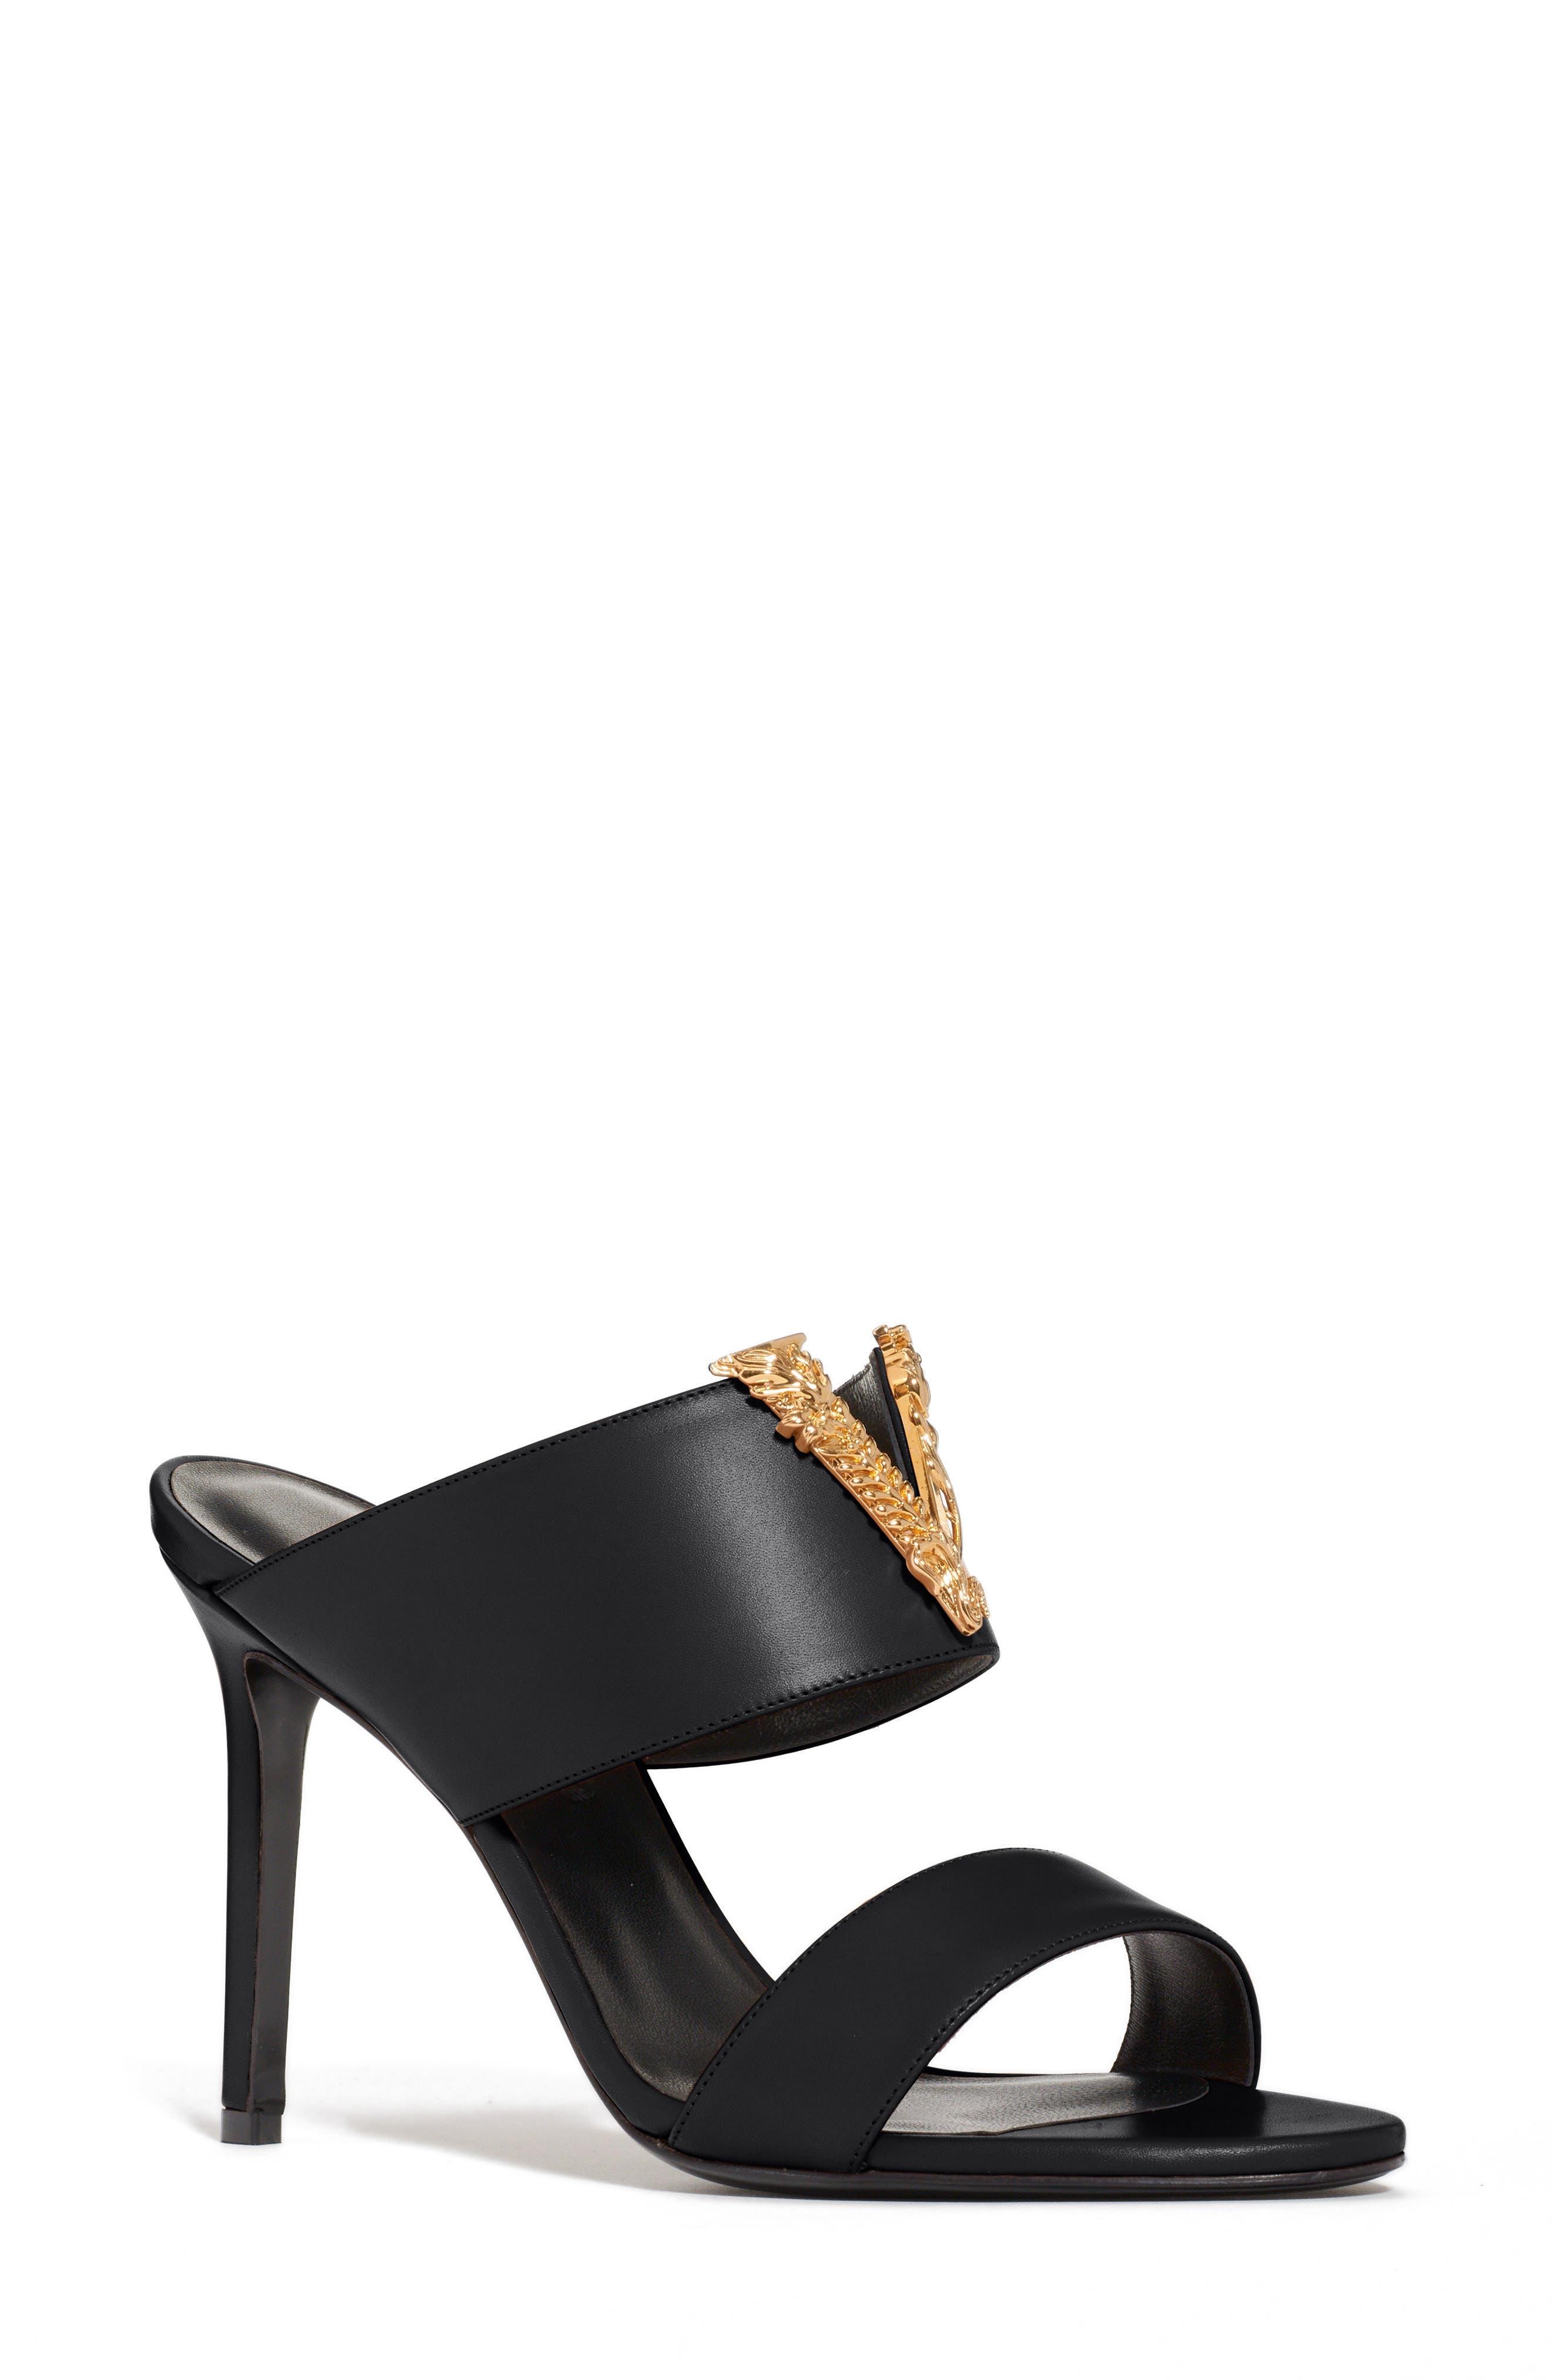 Women's Versace Shoes   Nordstrom